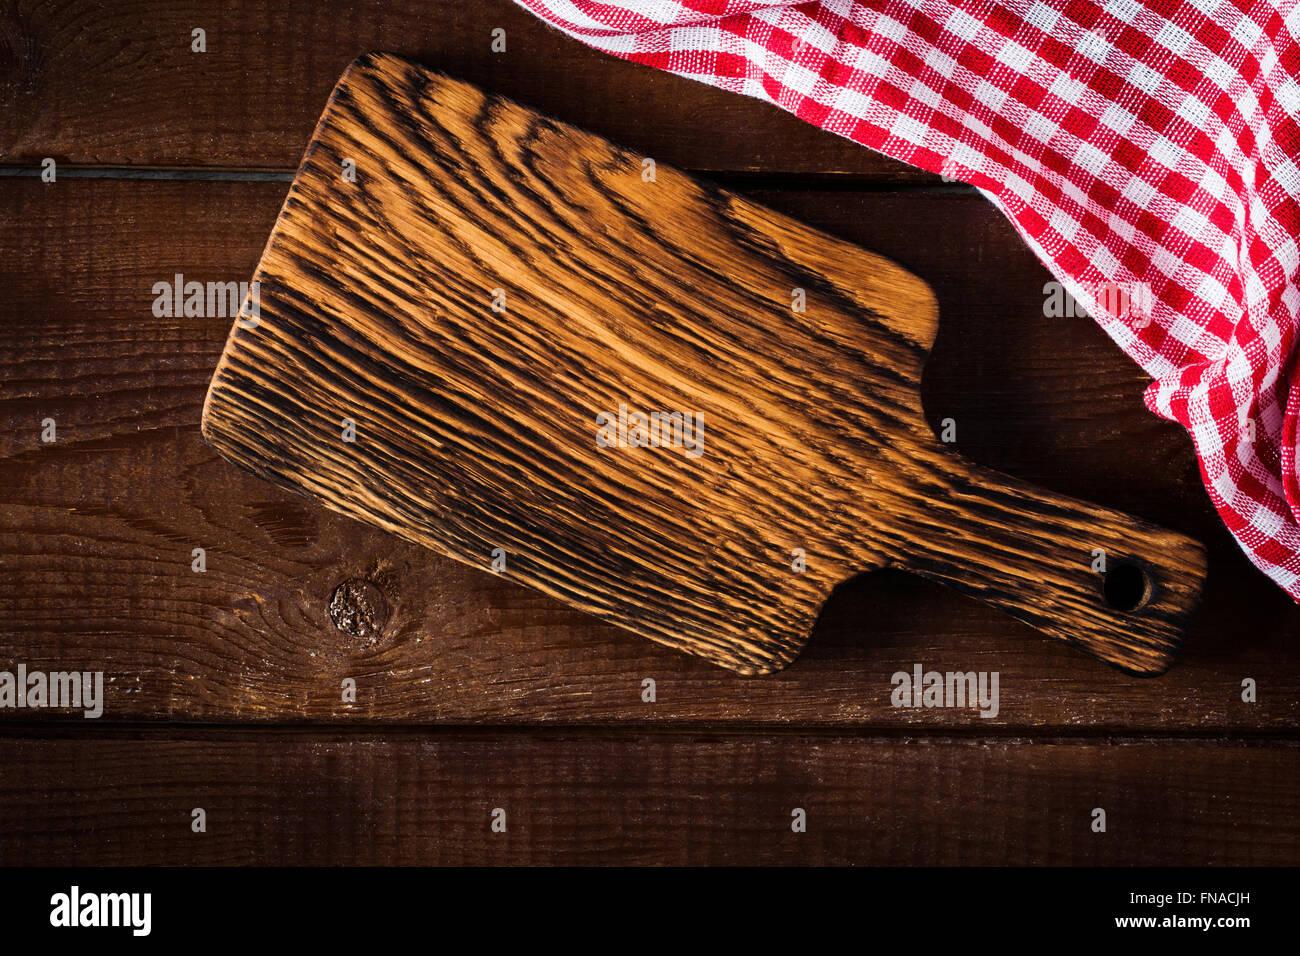 Holz schneiden und Tuch auf Holztisch. Kochen Essen Hintergrund, Textfreiraum für text Stockbild